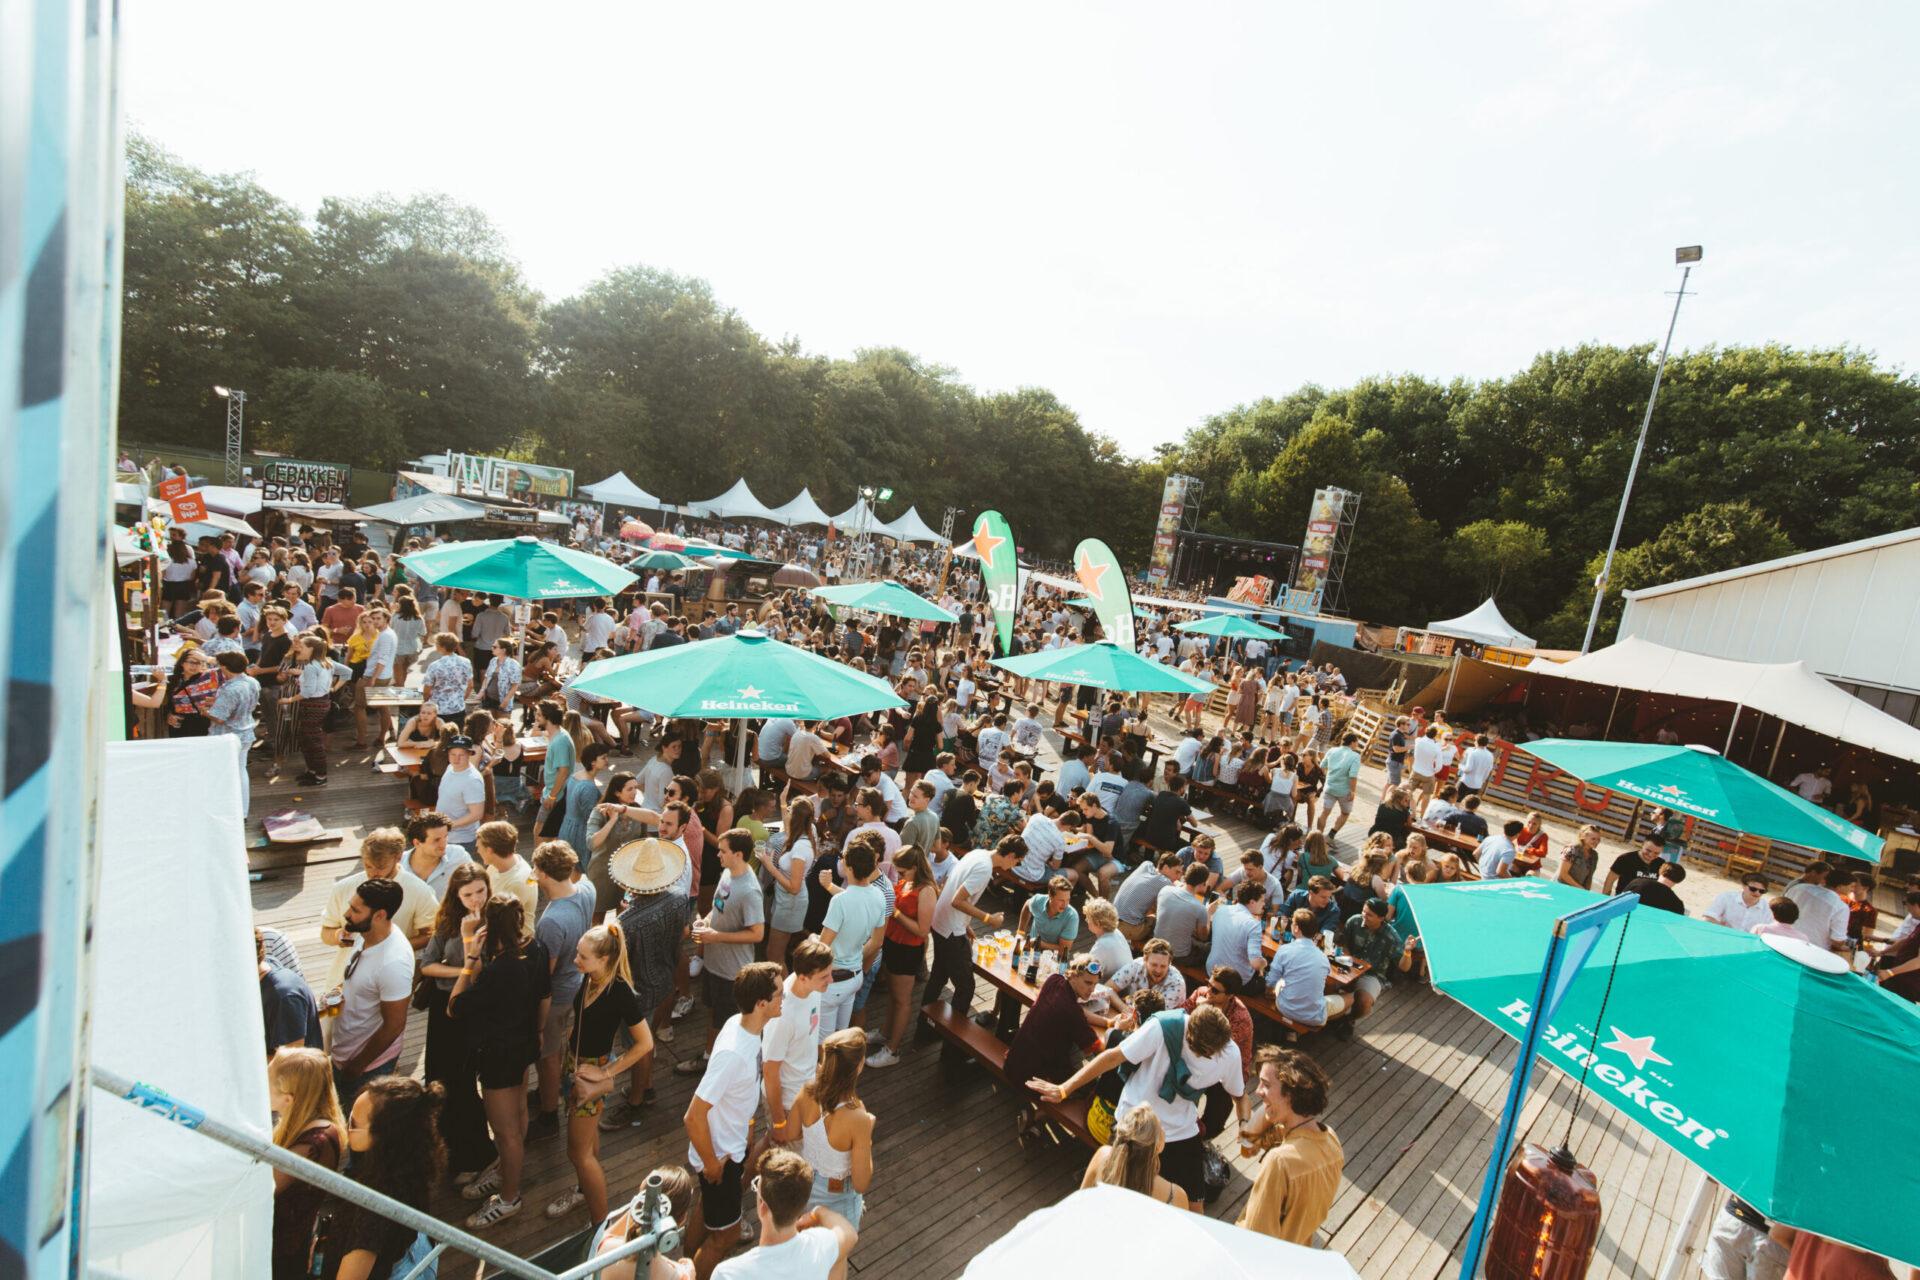 images-Piekweek-Festival-20191215_Piekweek-Festival-0044